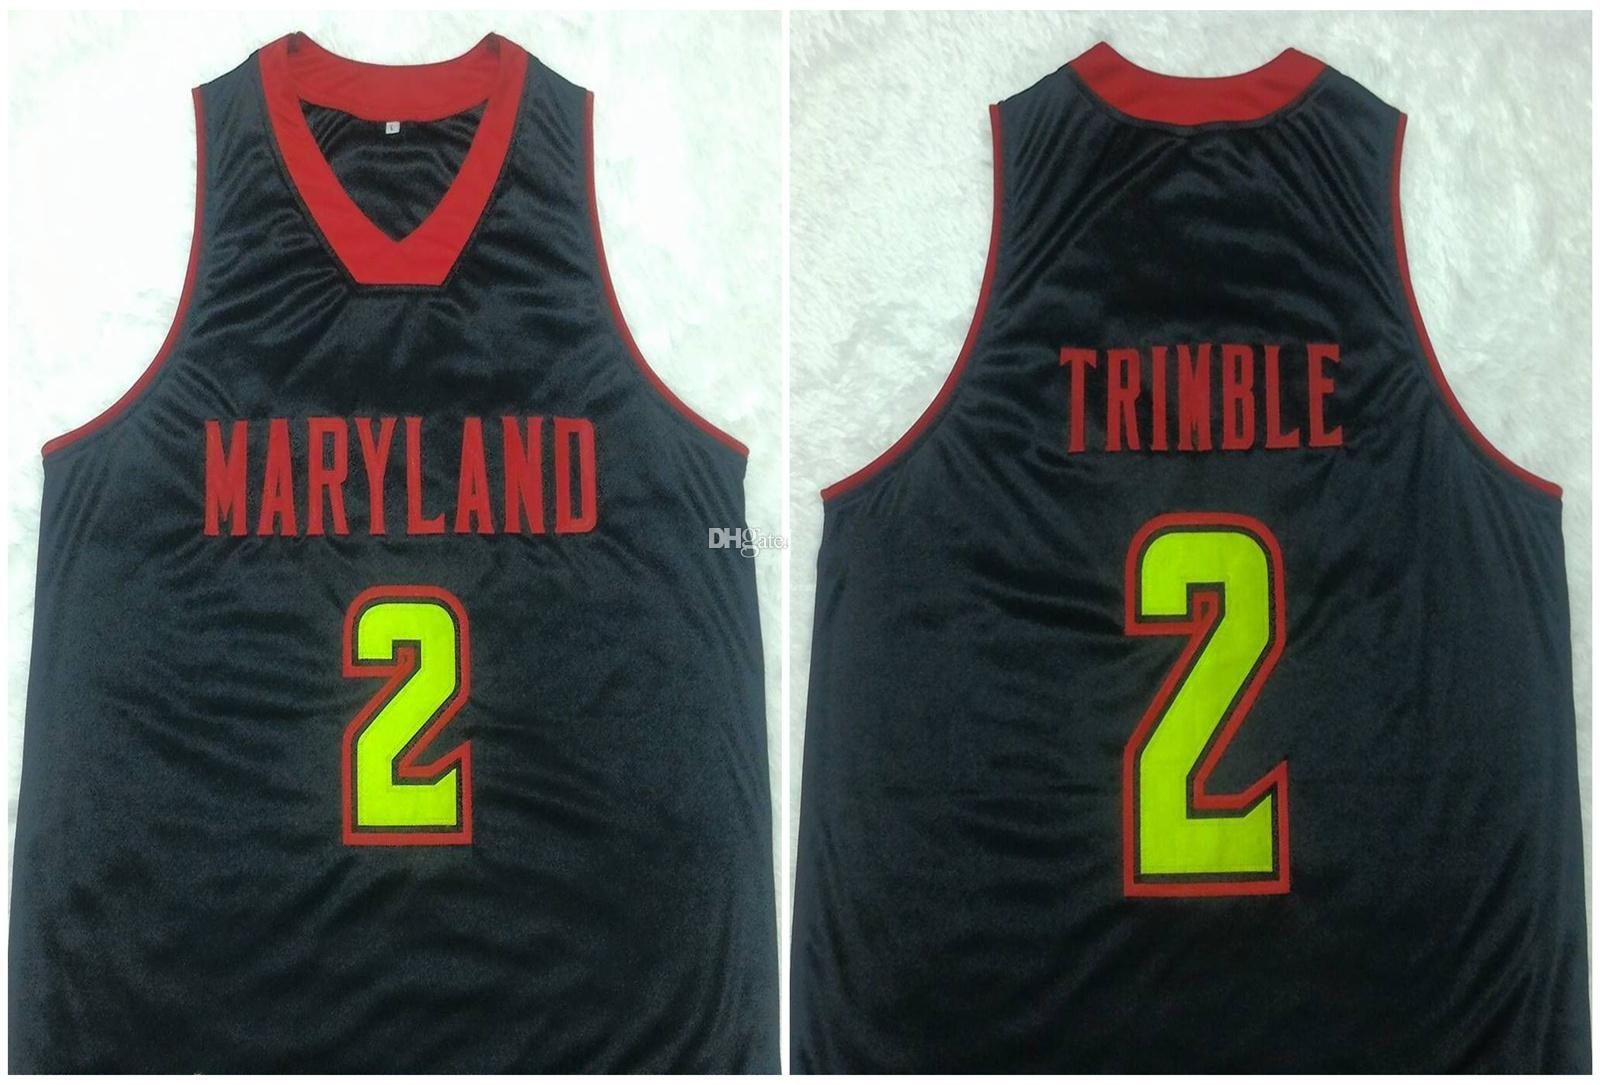 Melo Trimble # 2 Maryland Terrapins College-Retro Basketball Jersey Mens genähtes Gewohnheit irgendeine Nummer Name Trikots